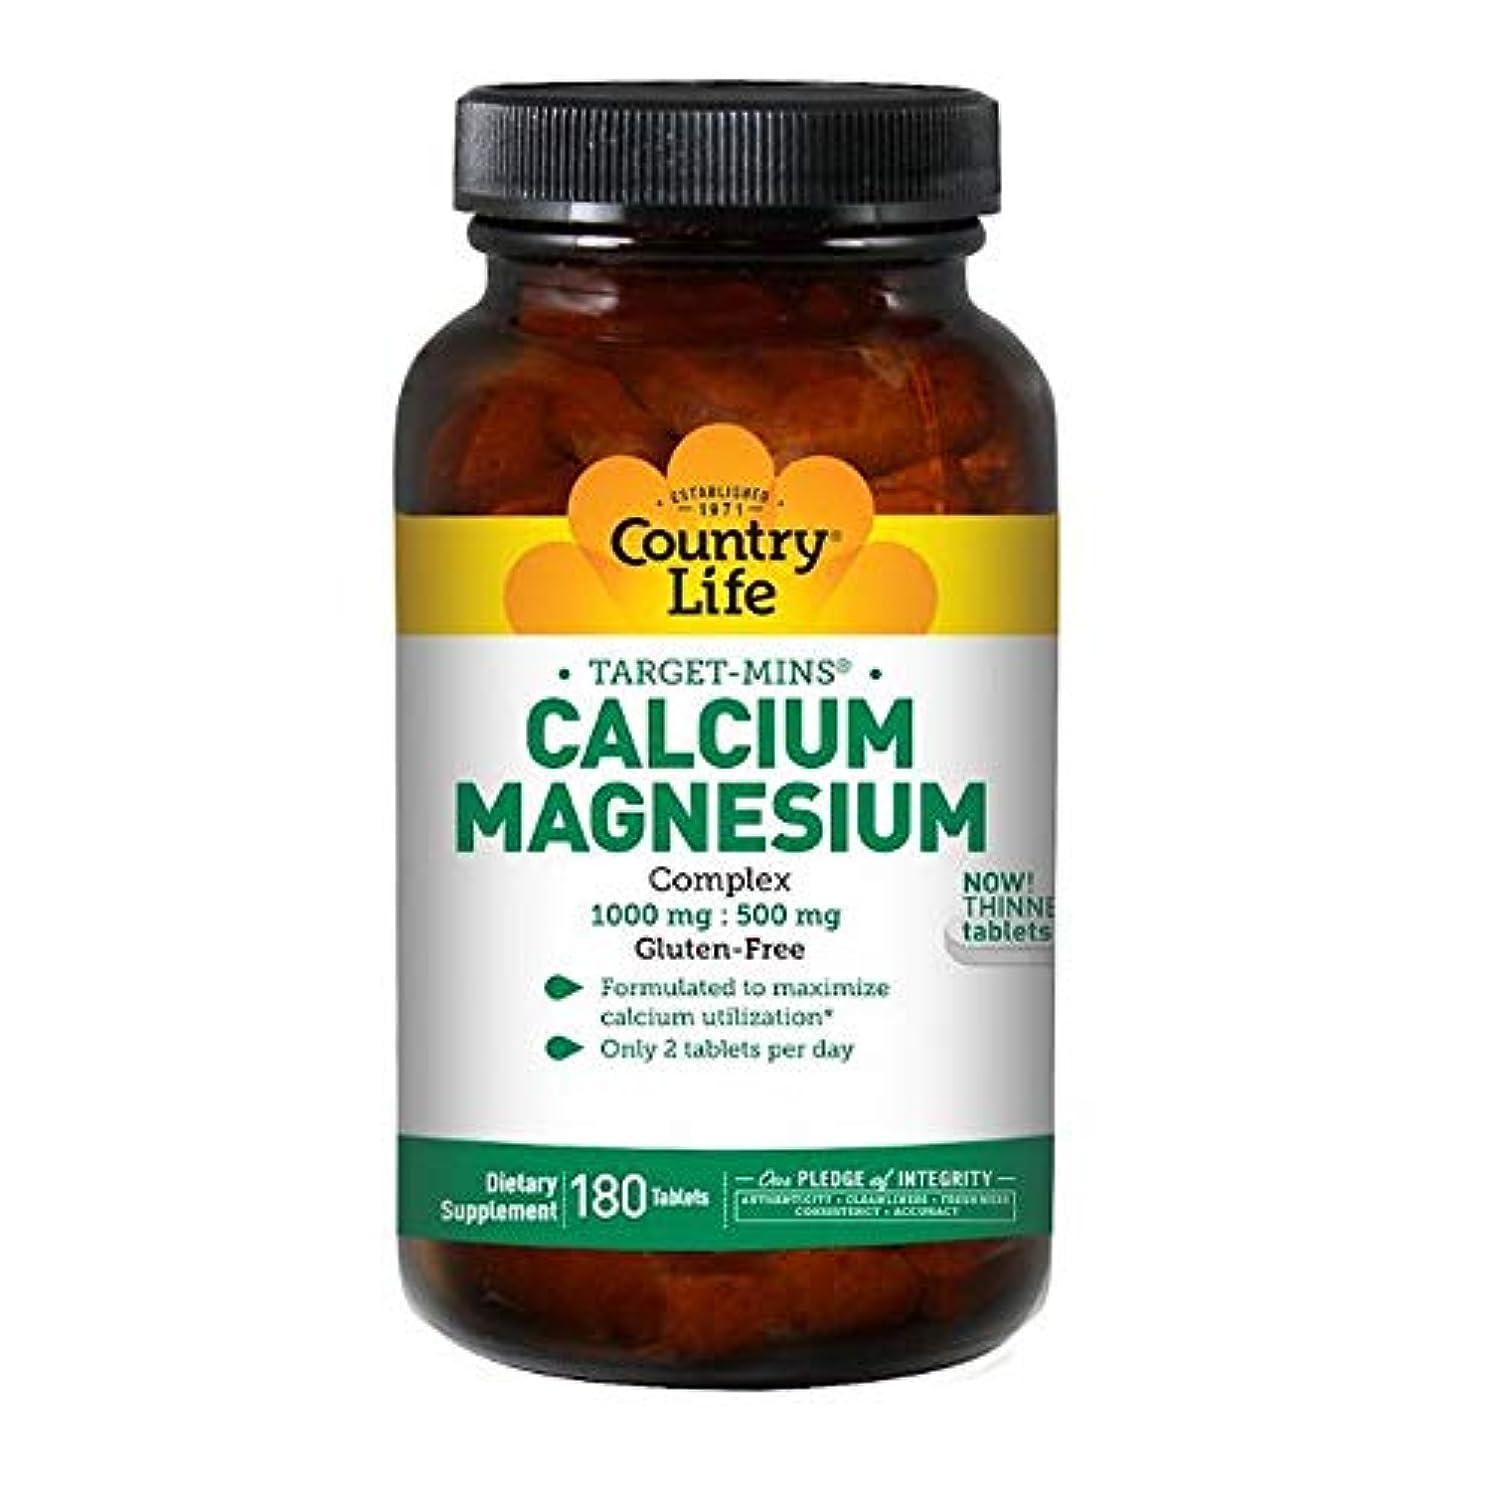 アレルギー性出来事食欲Country Life ターゲット ミネラル カルシウム マグネシウム 複合体 180錠 【アメリカ直送】